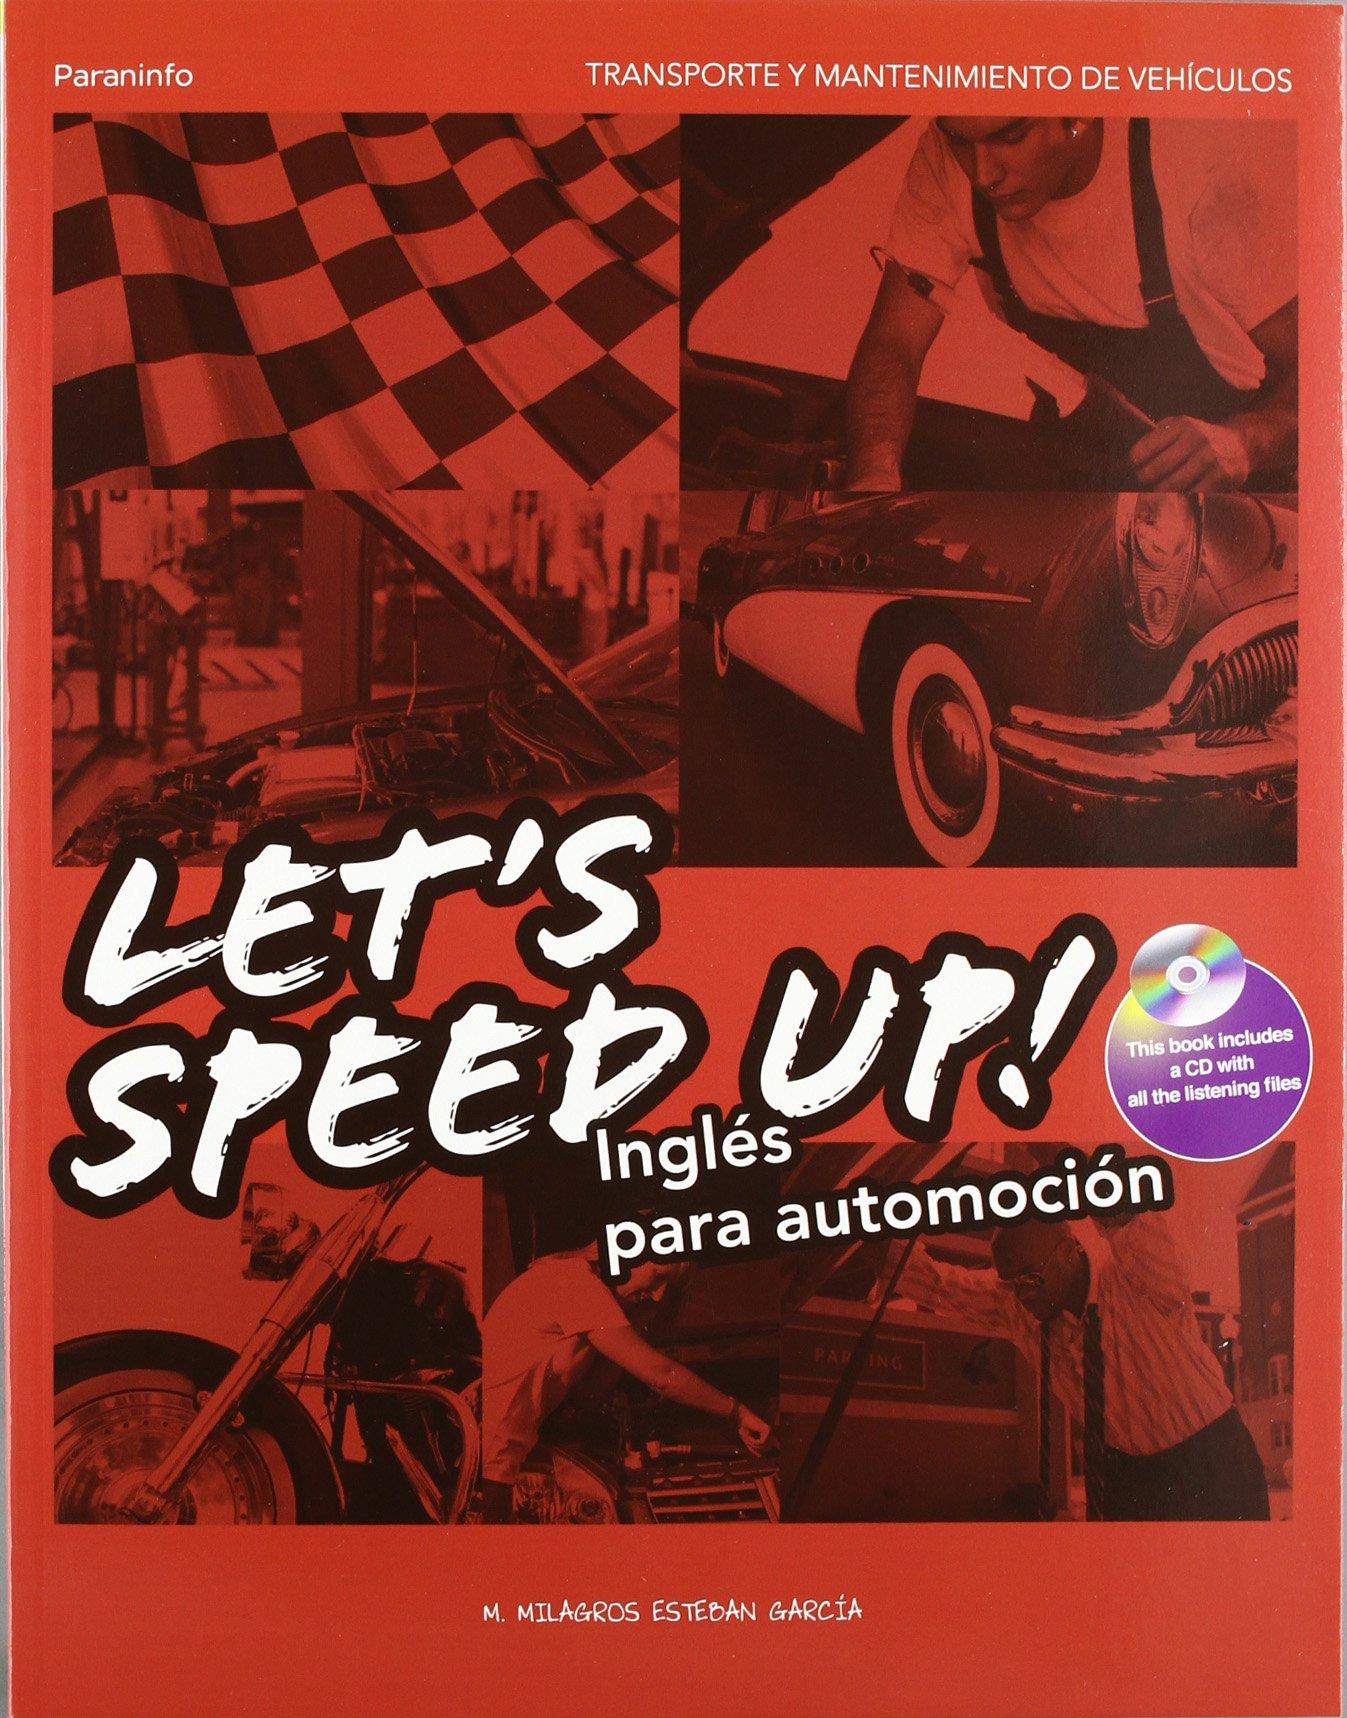 Let´s Speed Up! Inglés para Automoción Tapa blanda – 8 may 2012 Paraninfo S.A. 8497325885 ciclos formativos grado superior